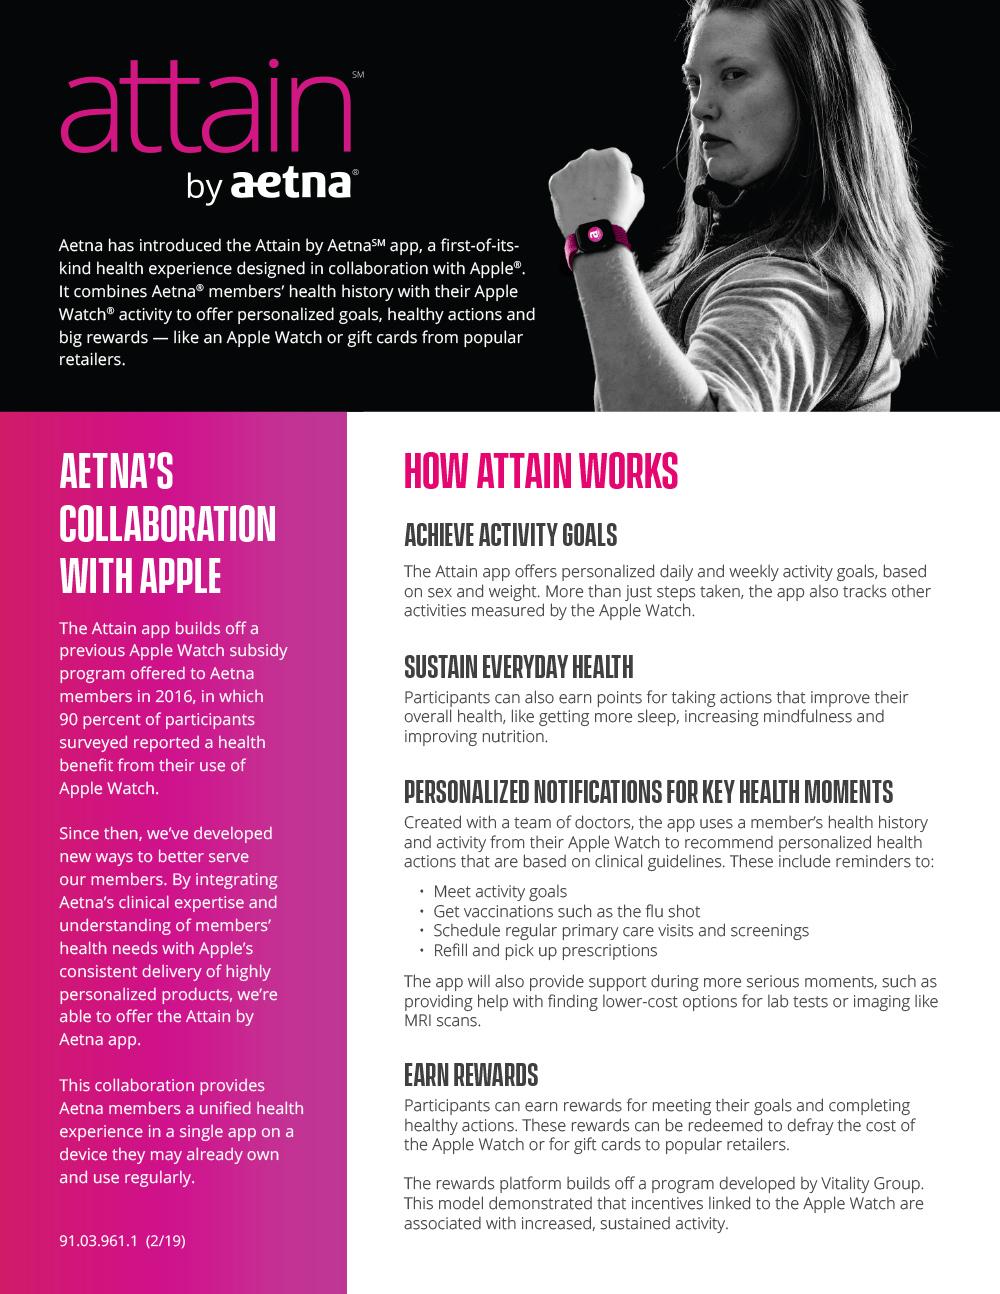 Attain App campaign